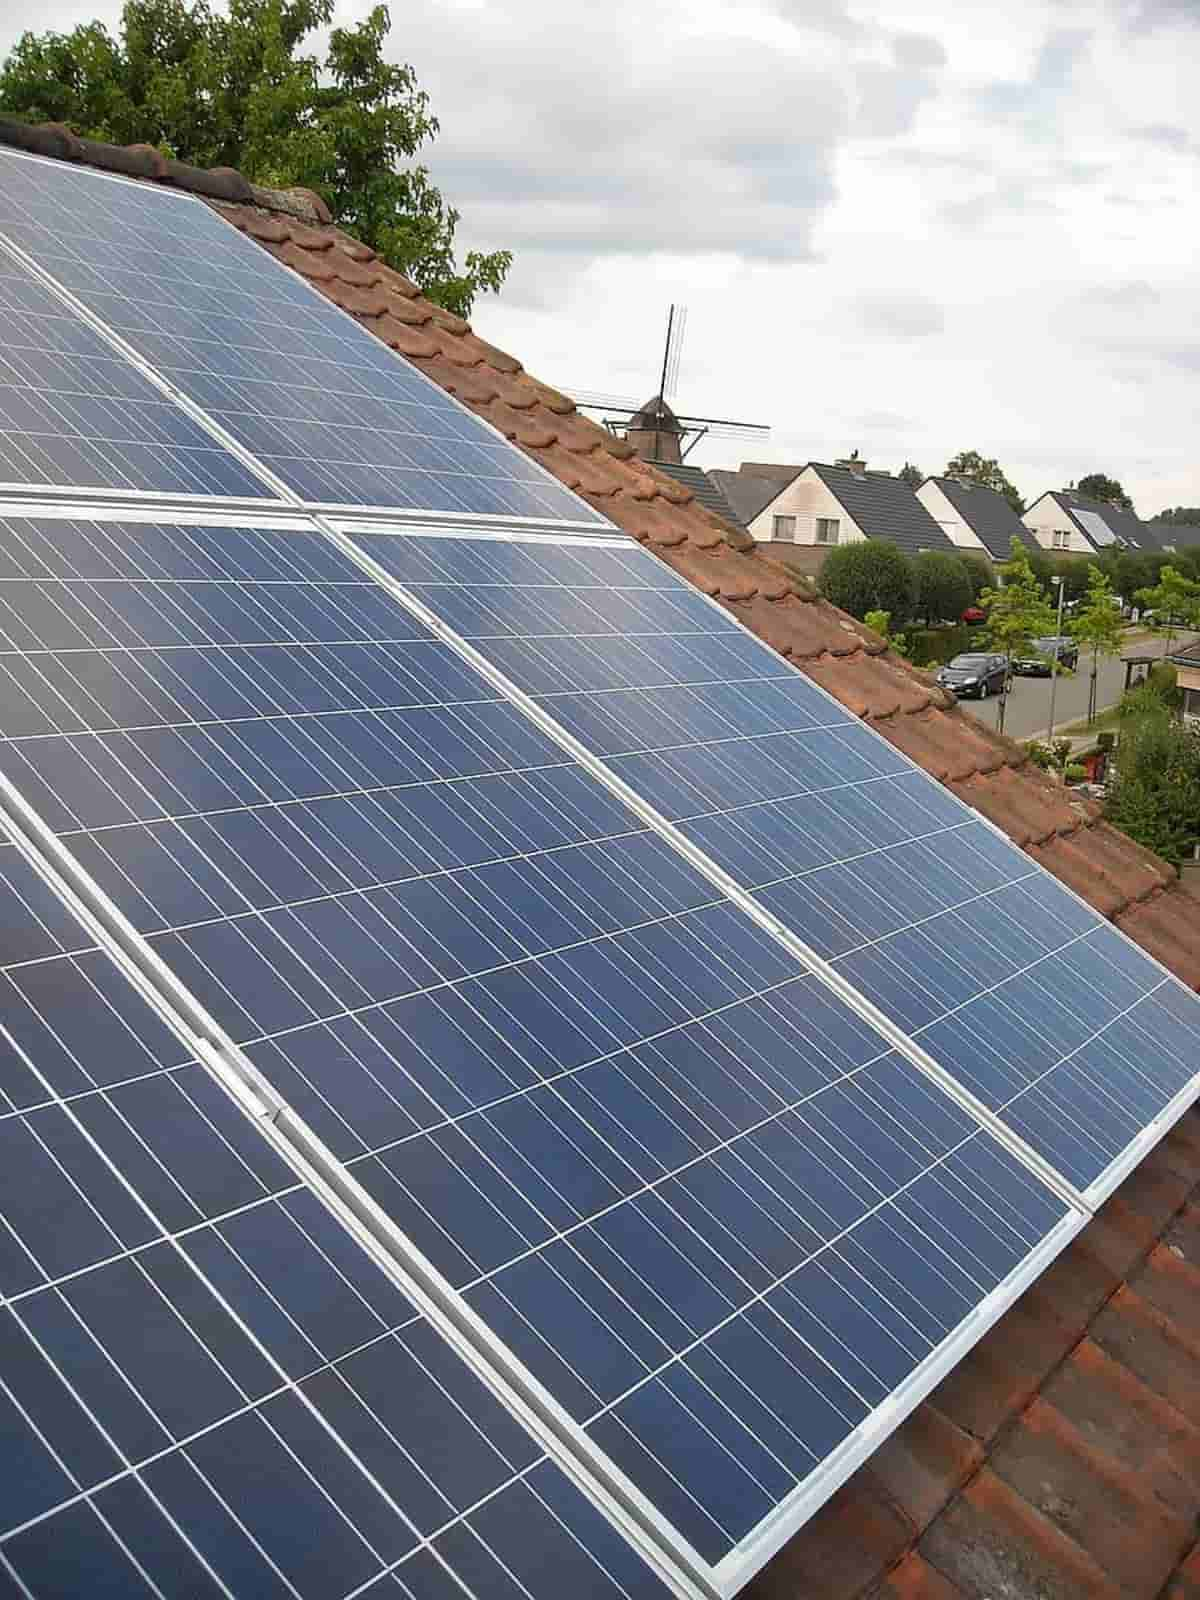 Multinergie panneaux solaires